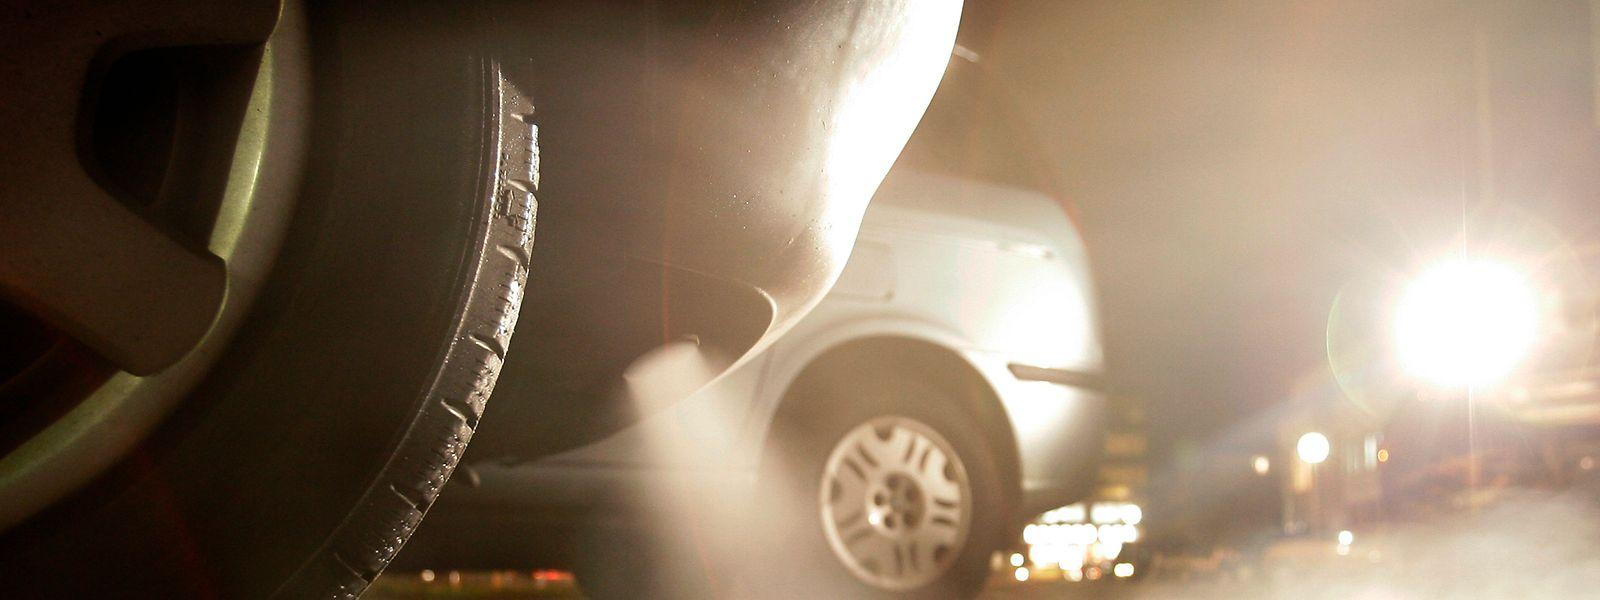 Der Straßenverkehr ist einer der Hauptemittenten von Luftschadstoffen.